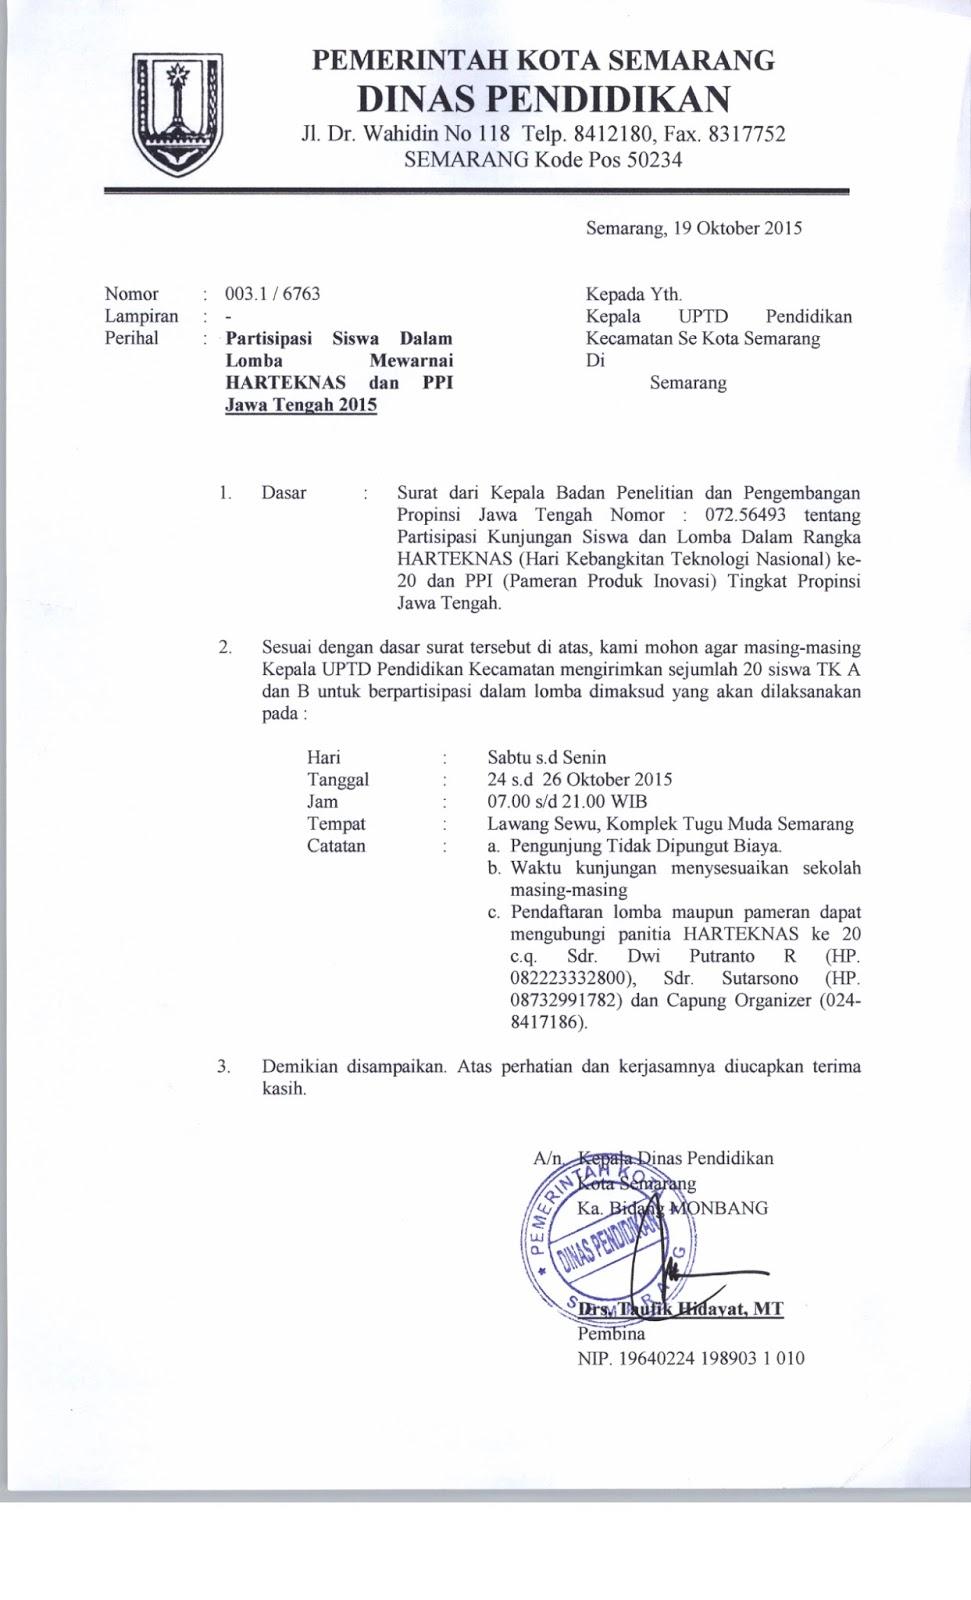 Uptd Pendidikan Kecamatan Genuk Lomba Mewarnai Harteknas